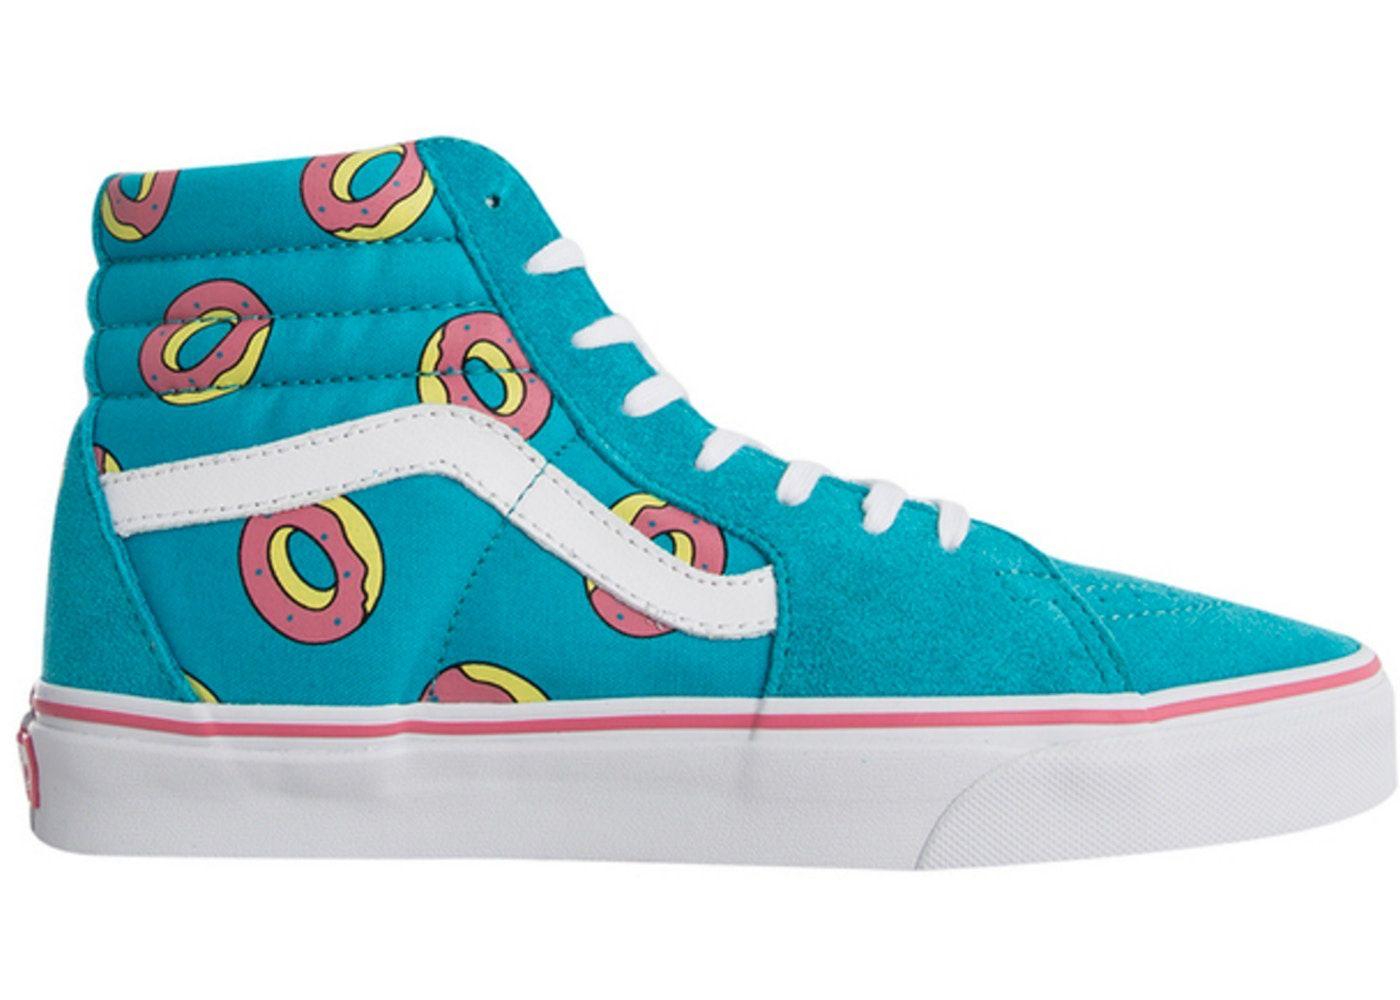 Vans Sk8-Hi Odd Future Donut | Sneakers